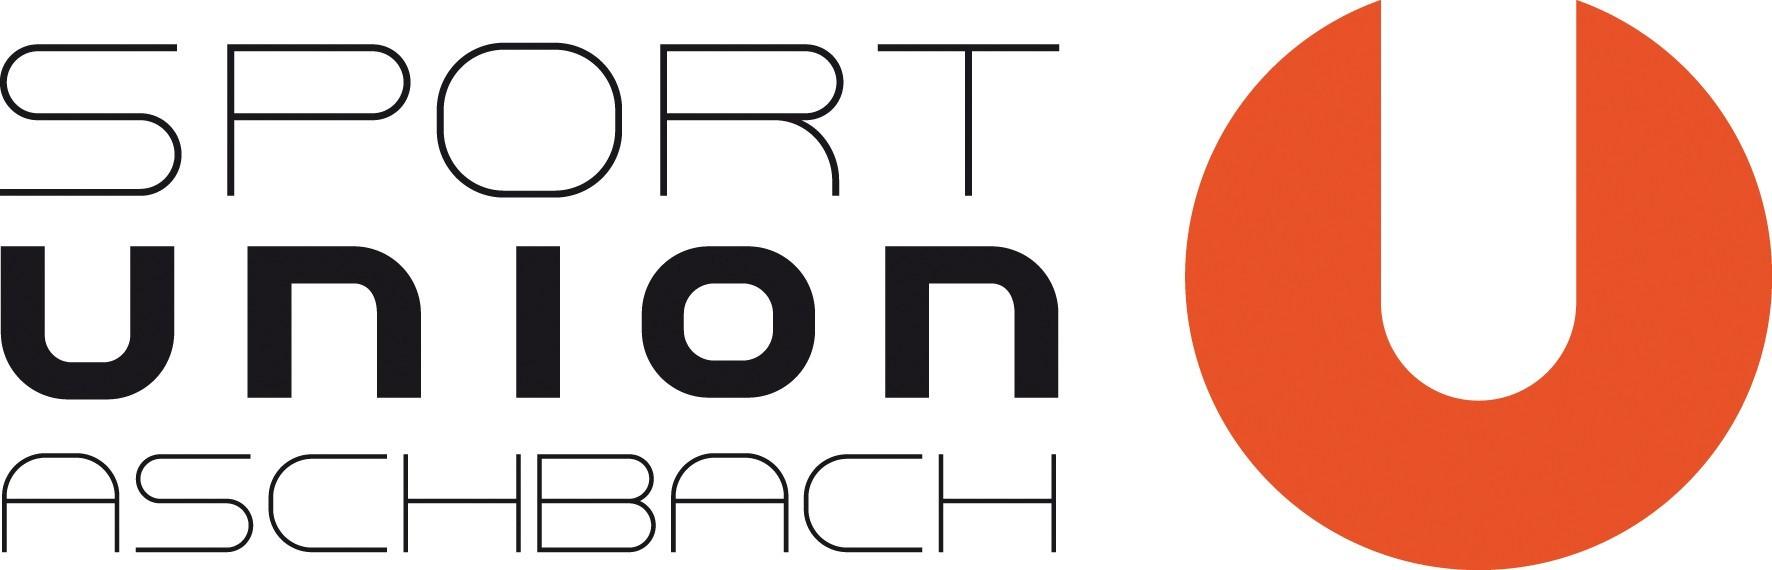 sportunion aschbach quer 2D